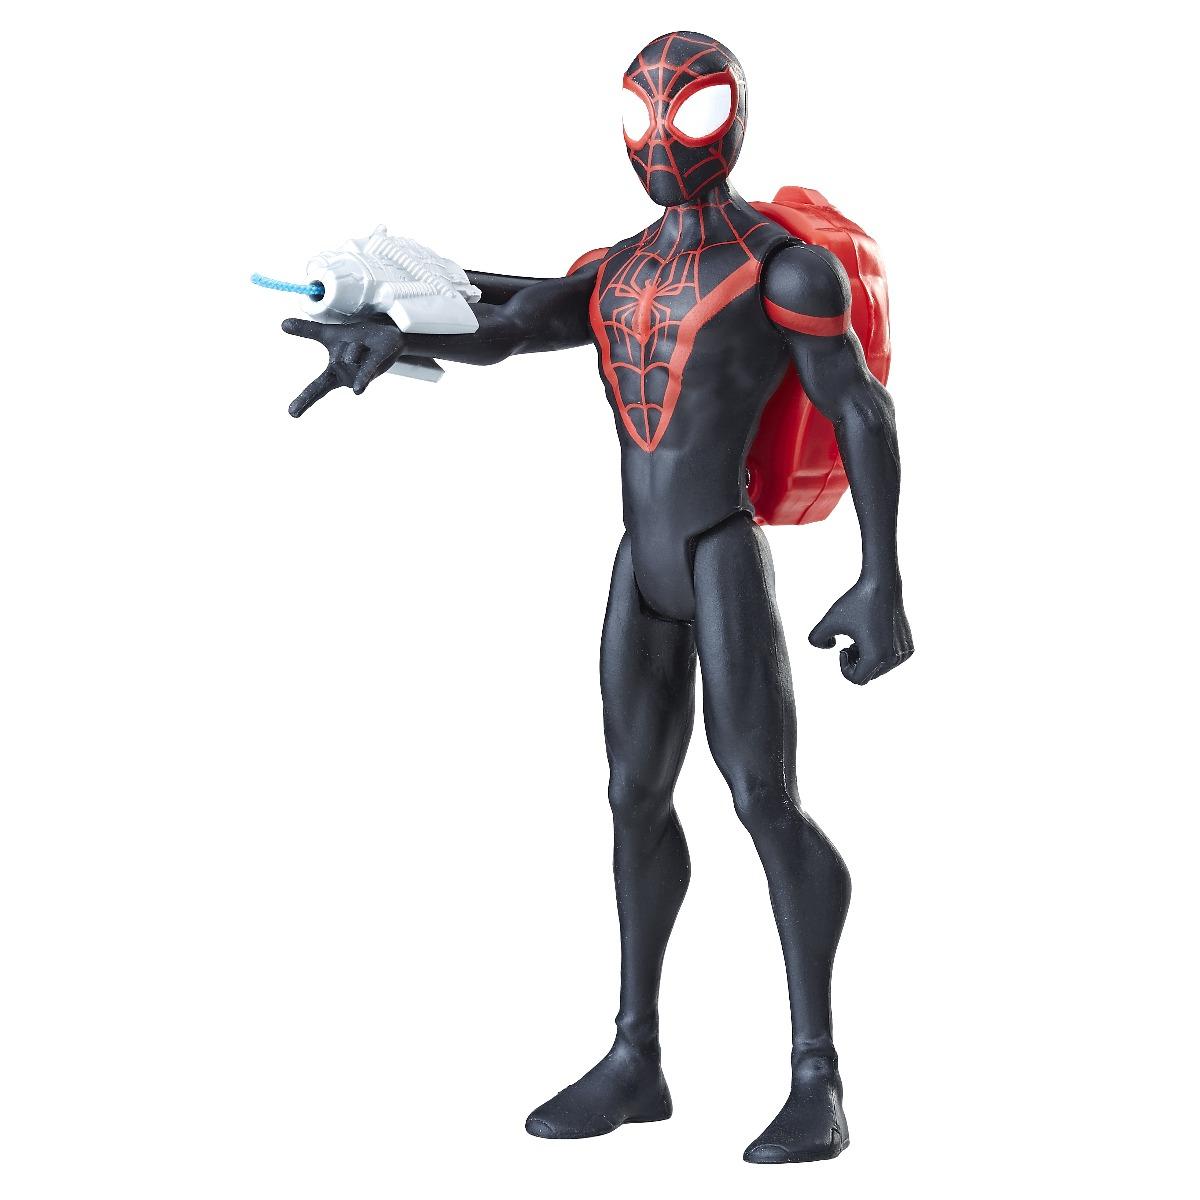 figurina de actiune spiderman, kid arachnid, 15 cm